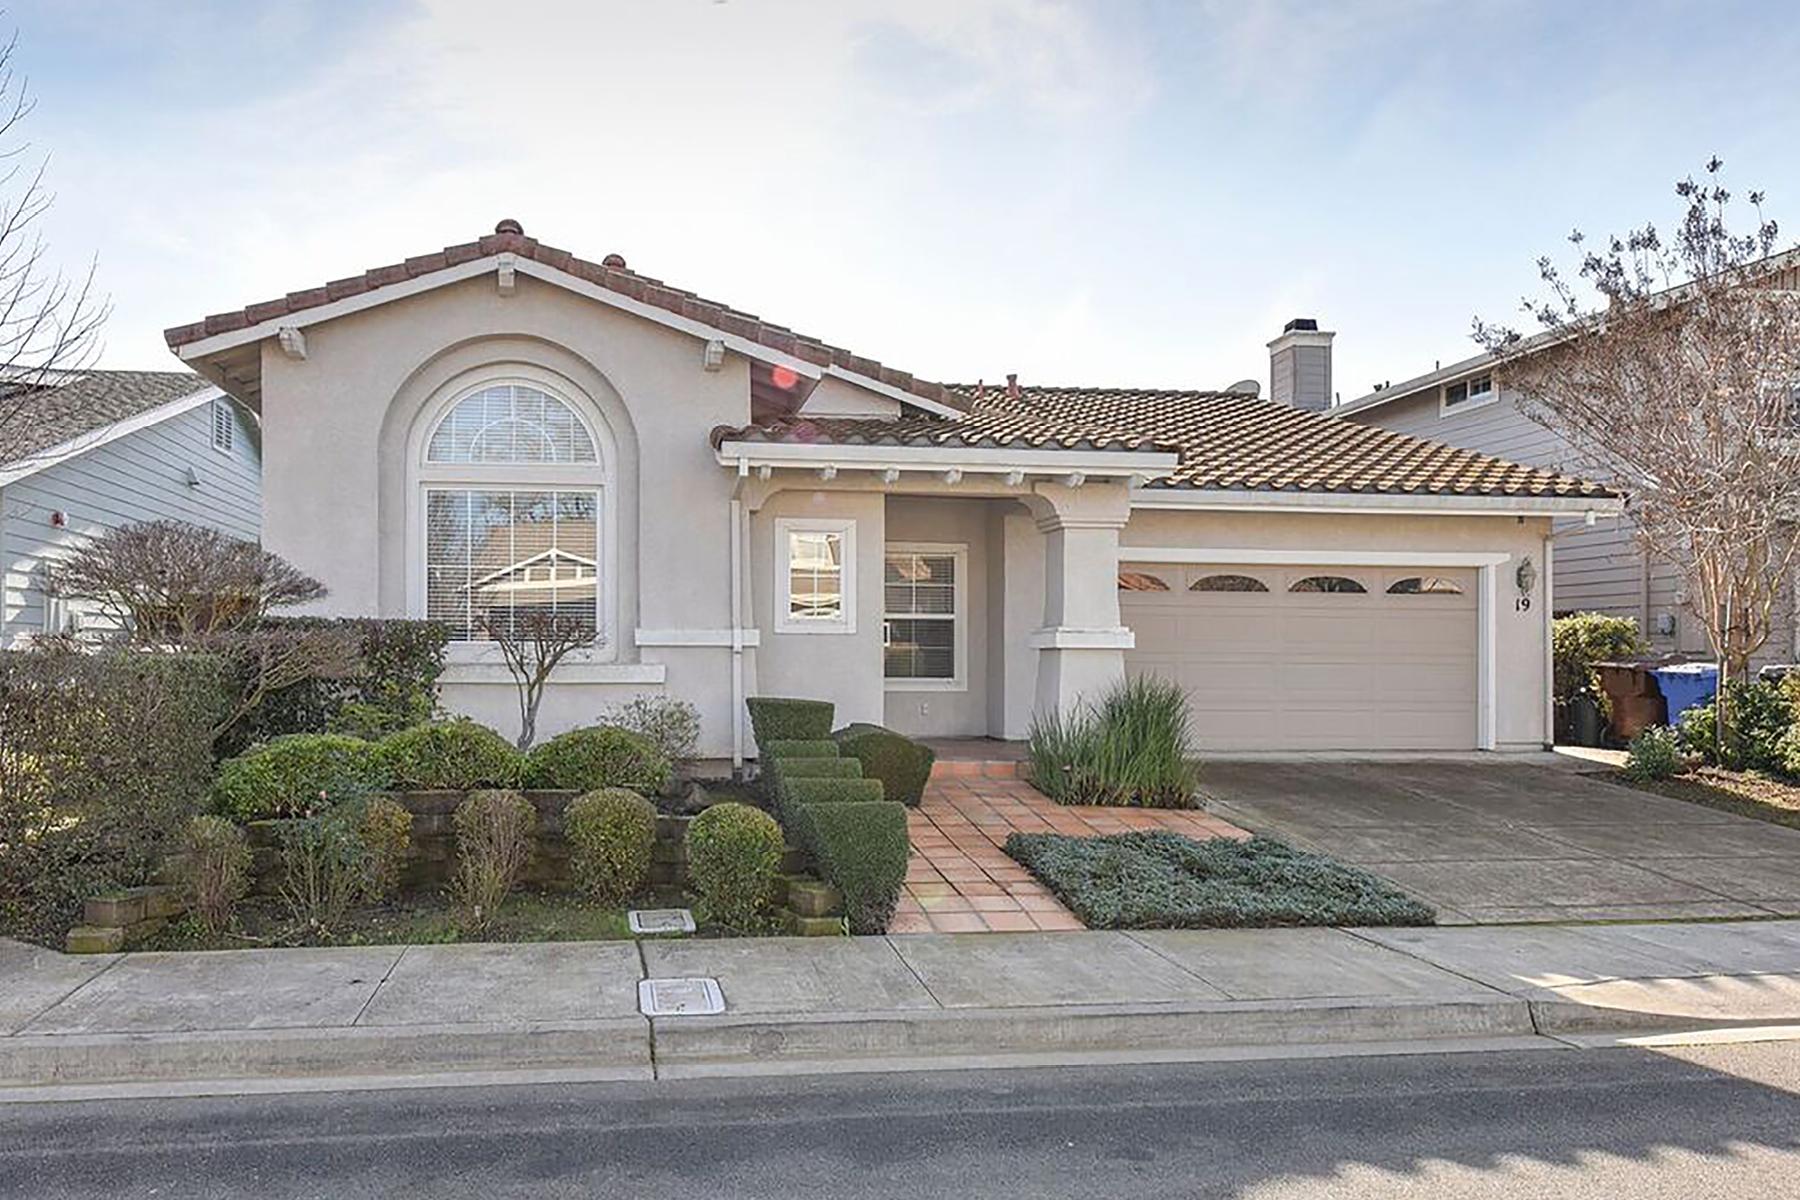 Casa Unifamiliar por un Venta en 19 Walkabout Ln, Napa, CA 94558 19 Walkabout Ln Napa, California 94558 Estados Unidos